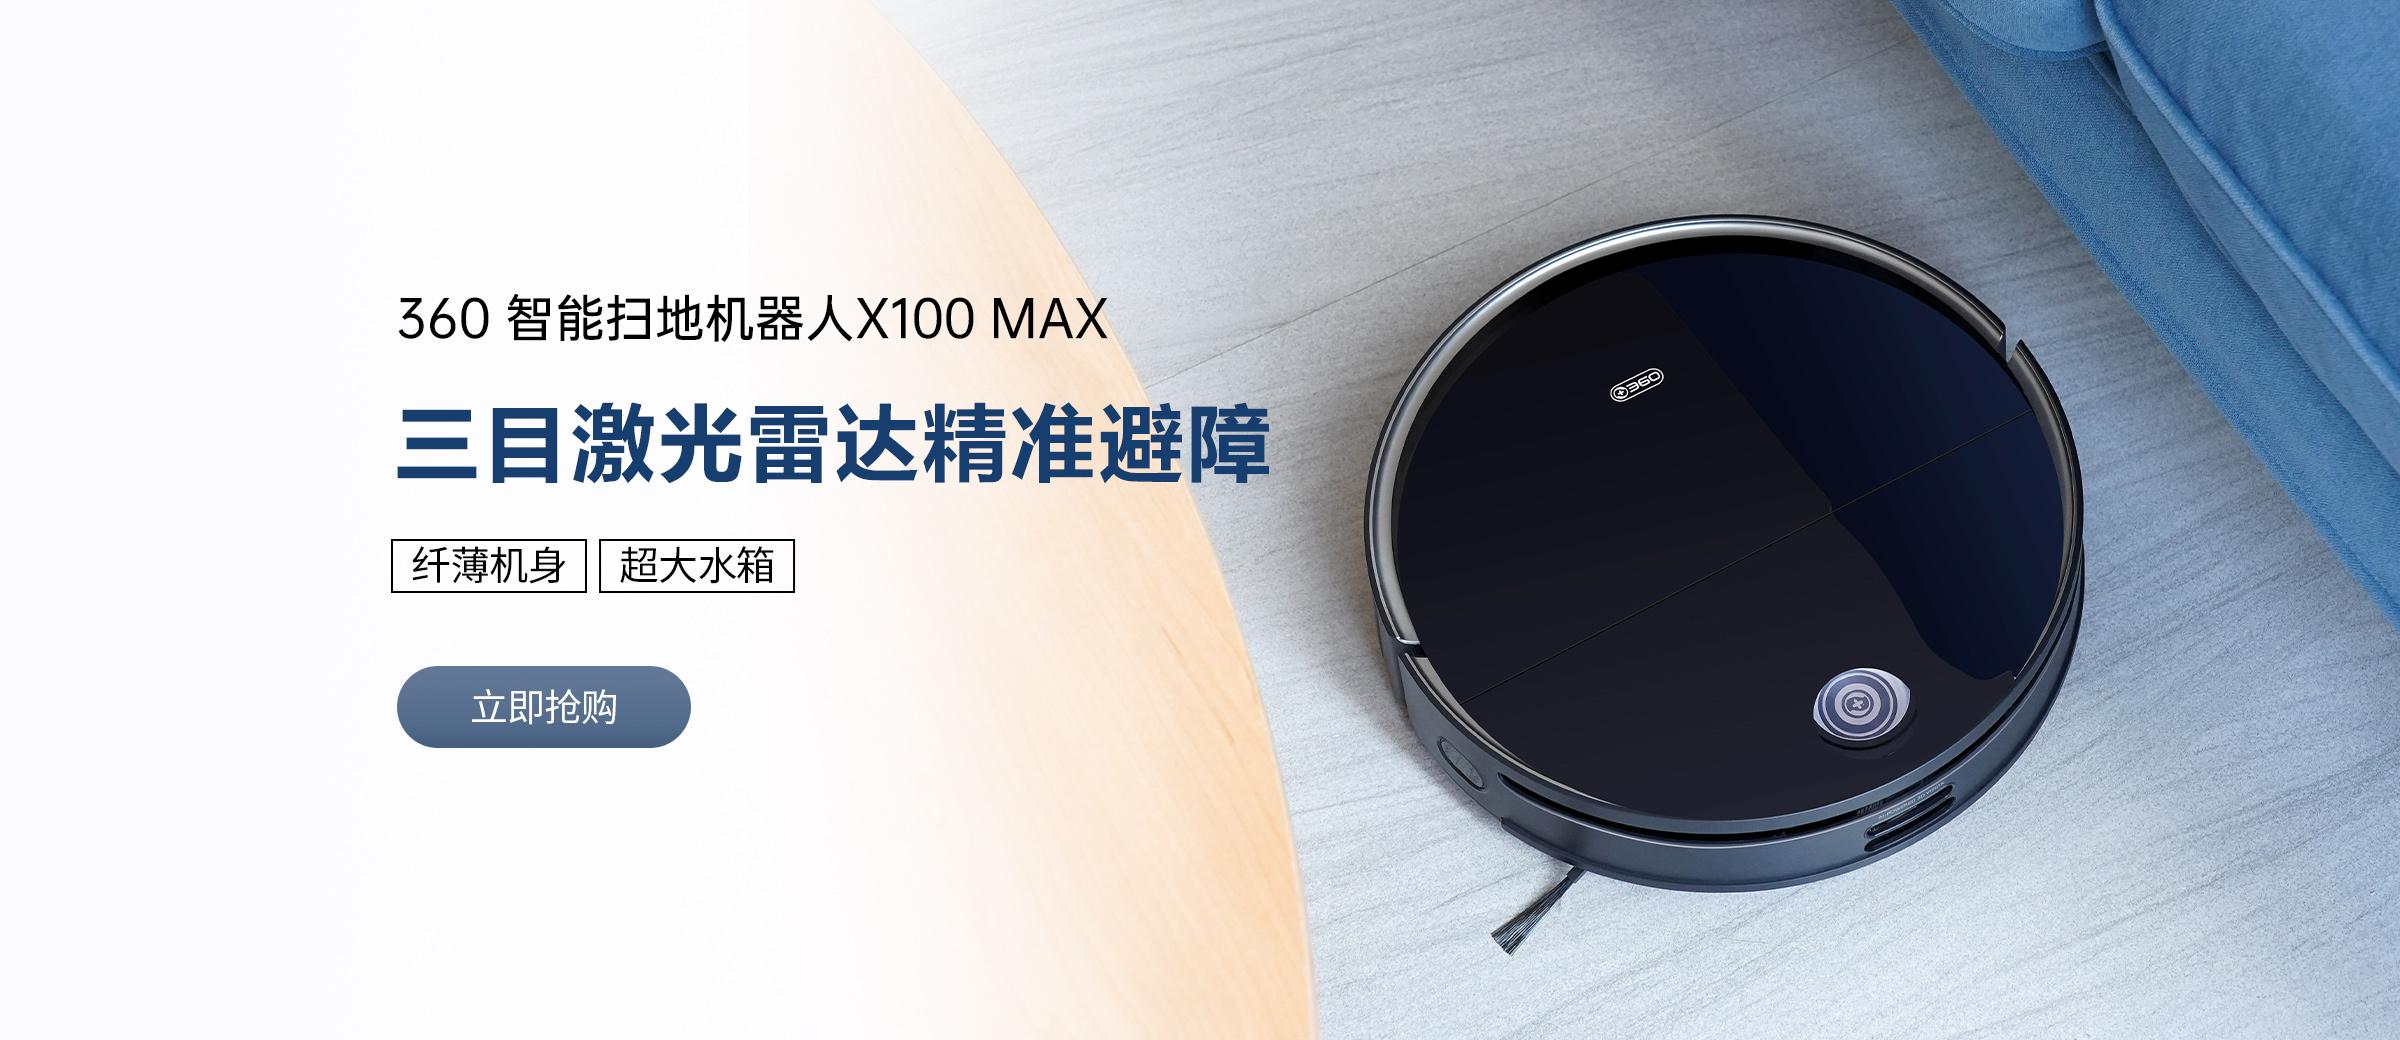 360 智能扫地机器人X100 MAX